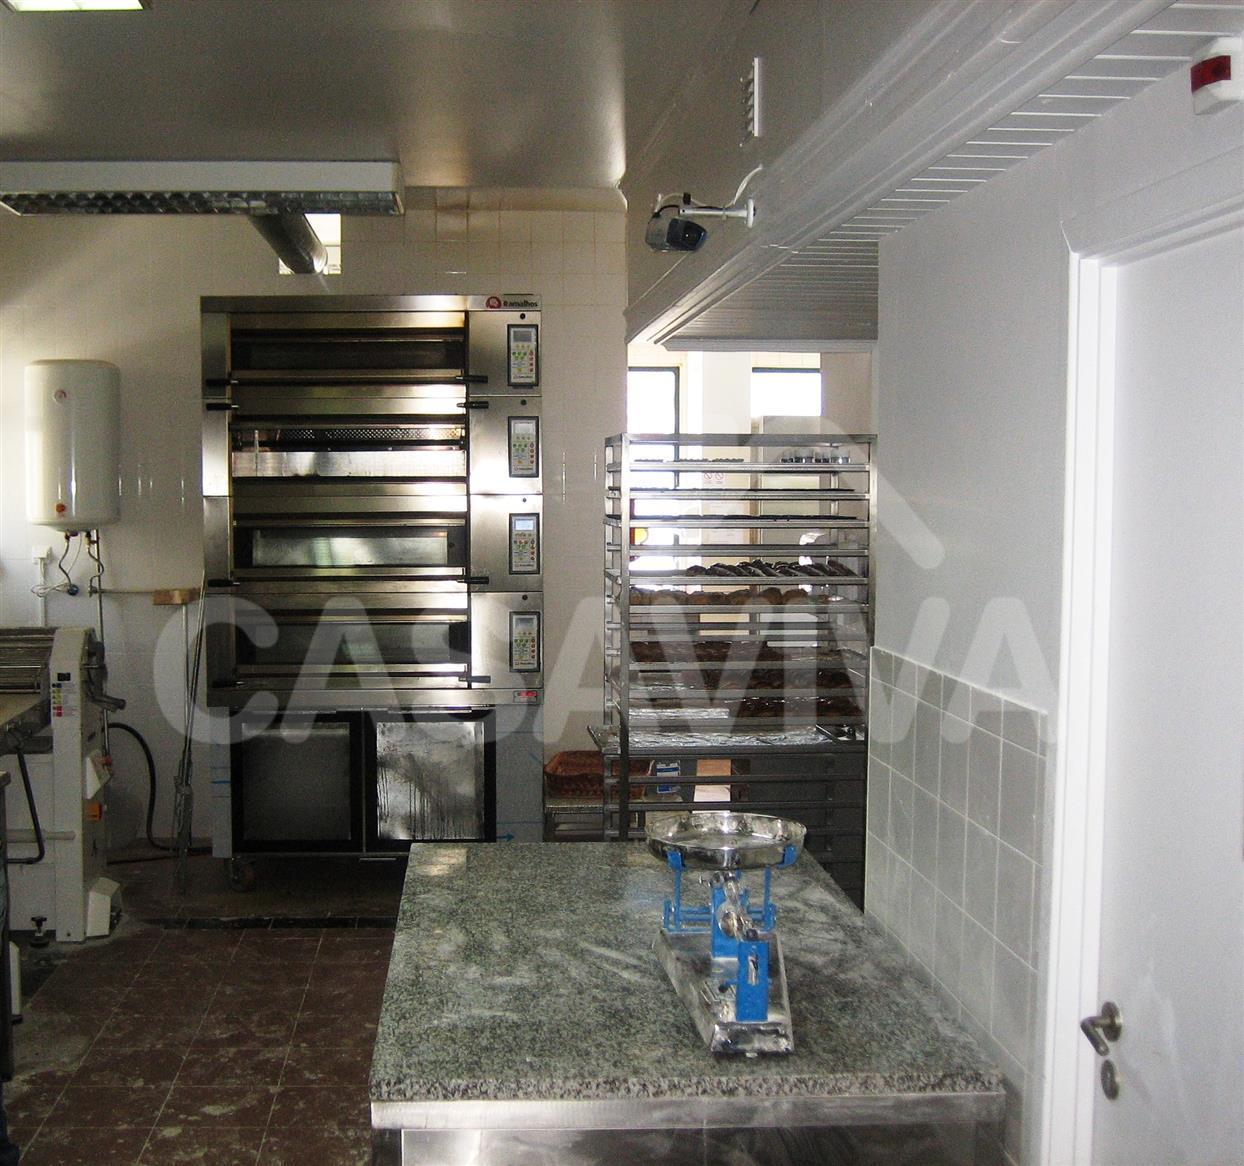 Na cozinha foram substituídos os revestimentos antigos e colocados novos revestimentos cerâmicos.